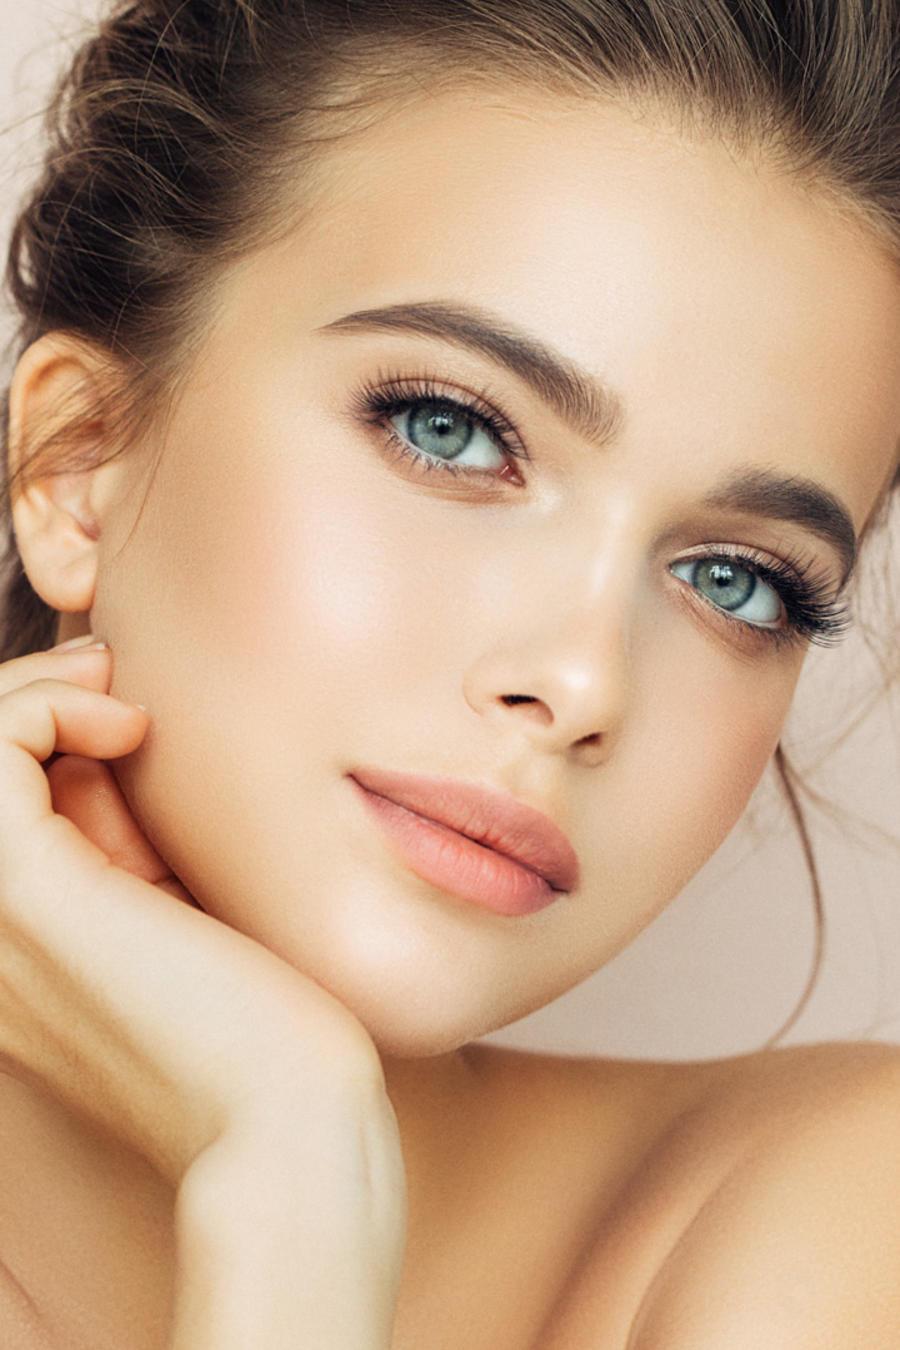 Secretos de belleza para recuperar el tono de tu piel